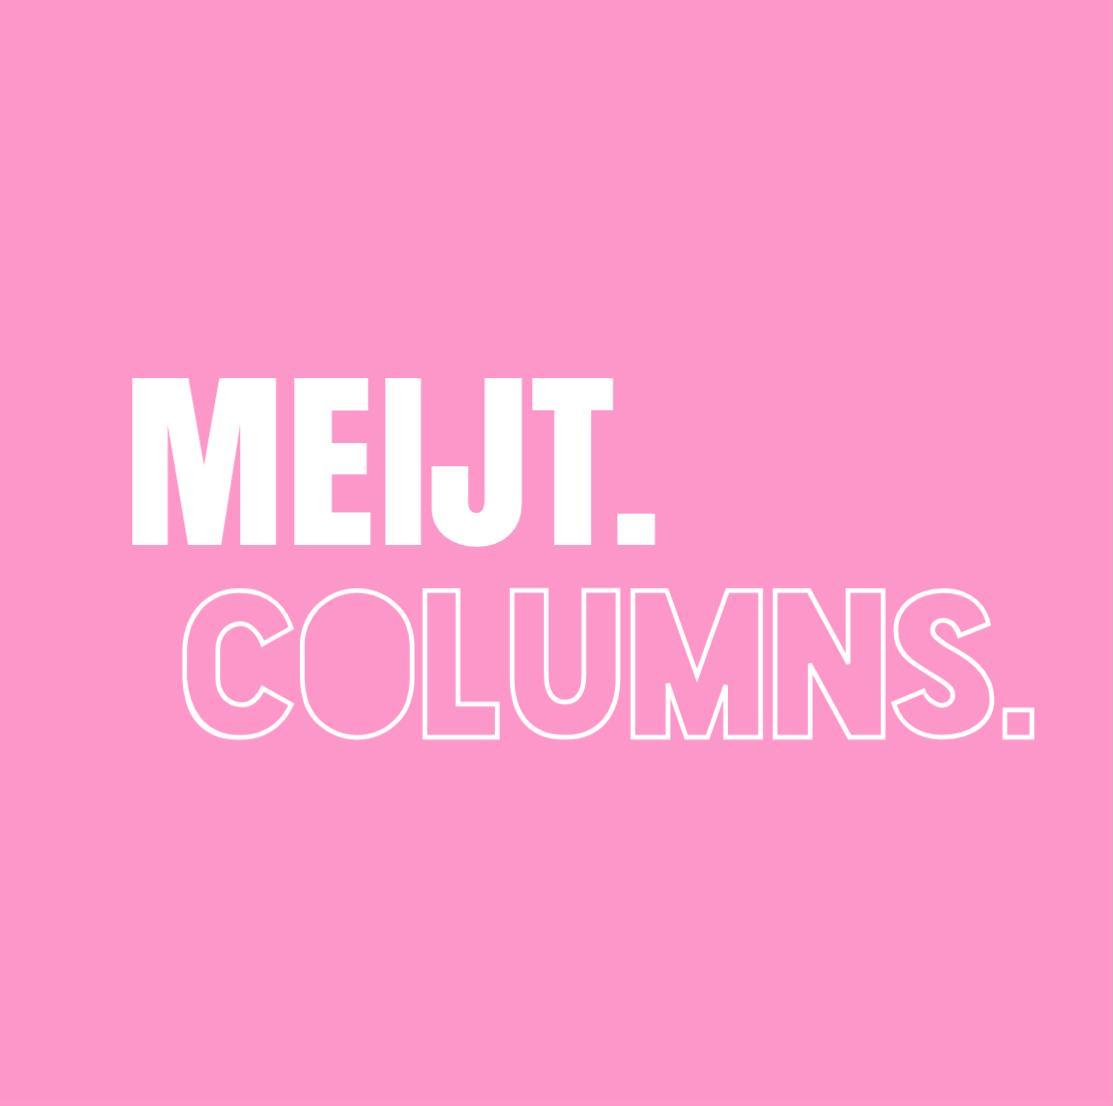 meijt-columns